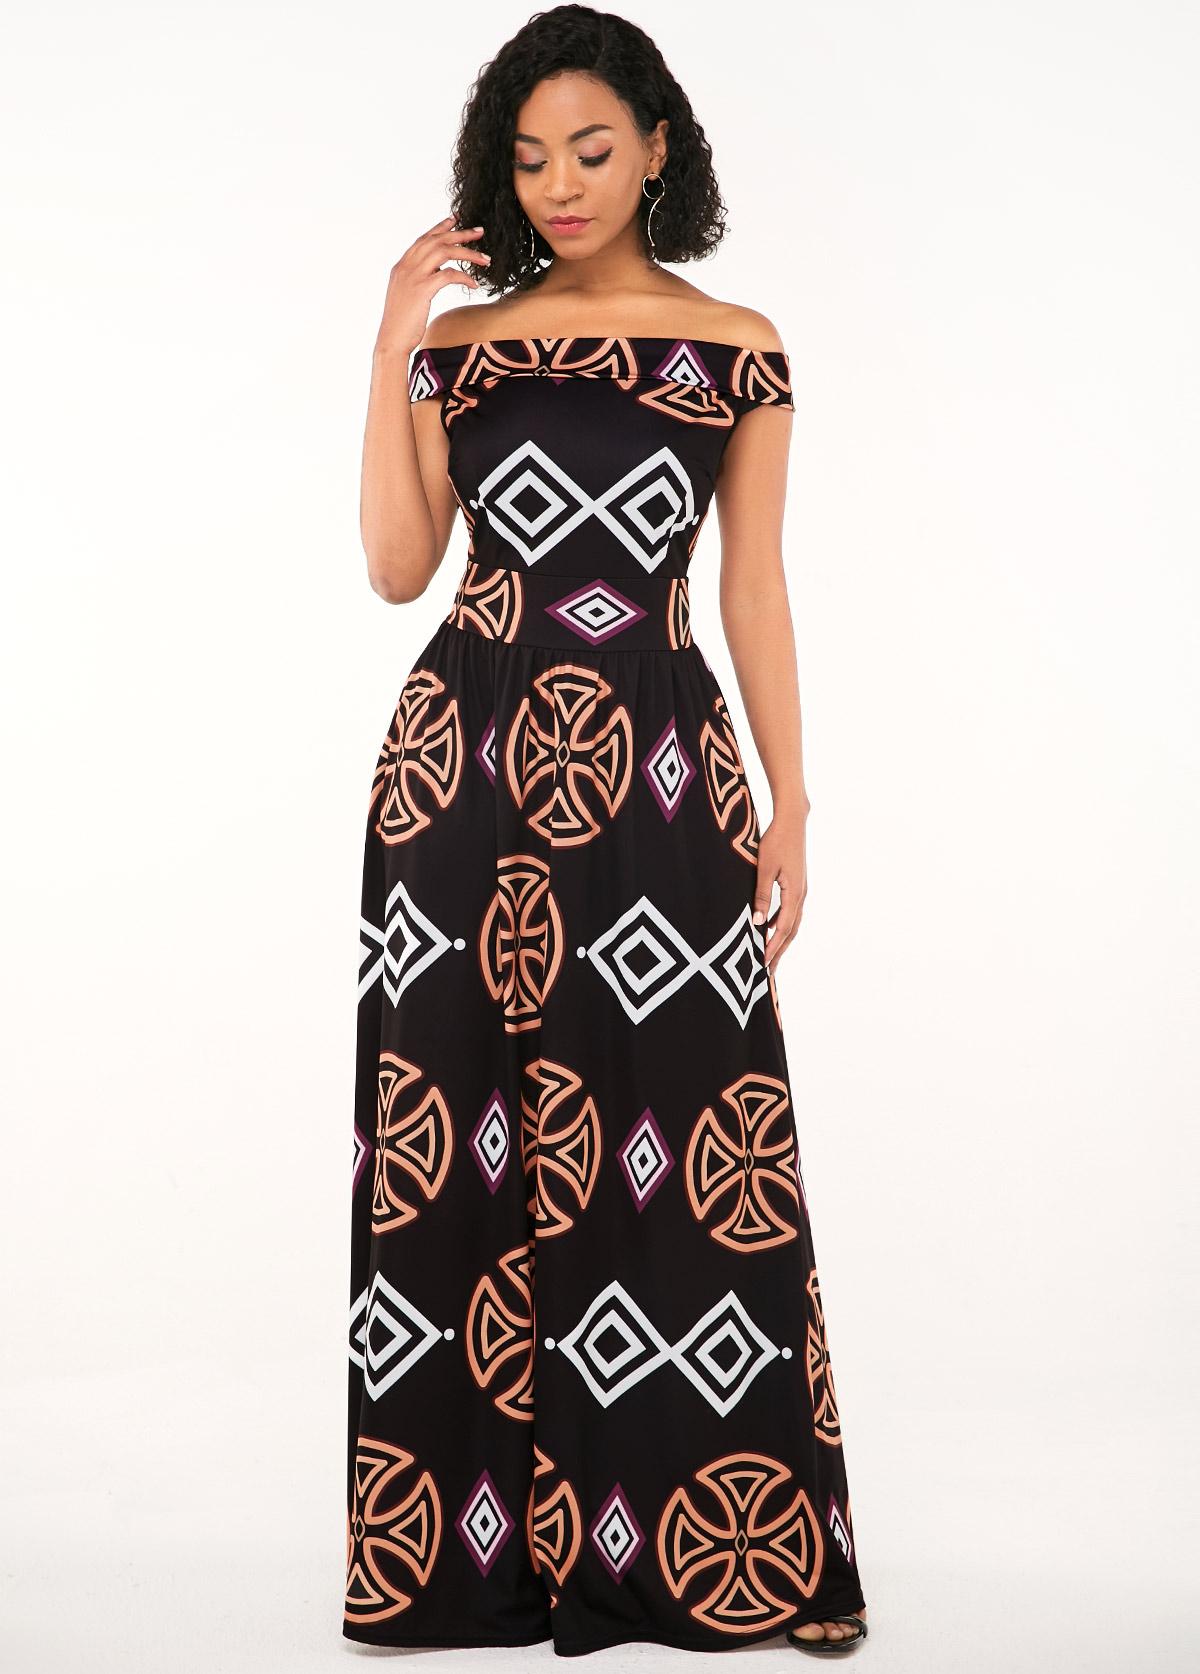 Zipper Closure African Print Off the Shoulder Dress